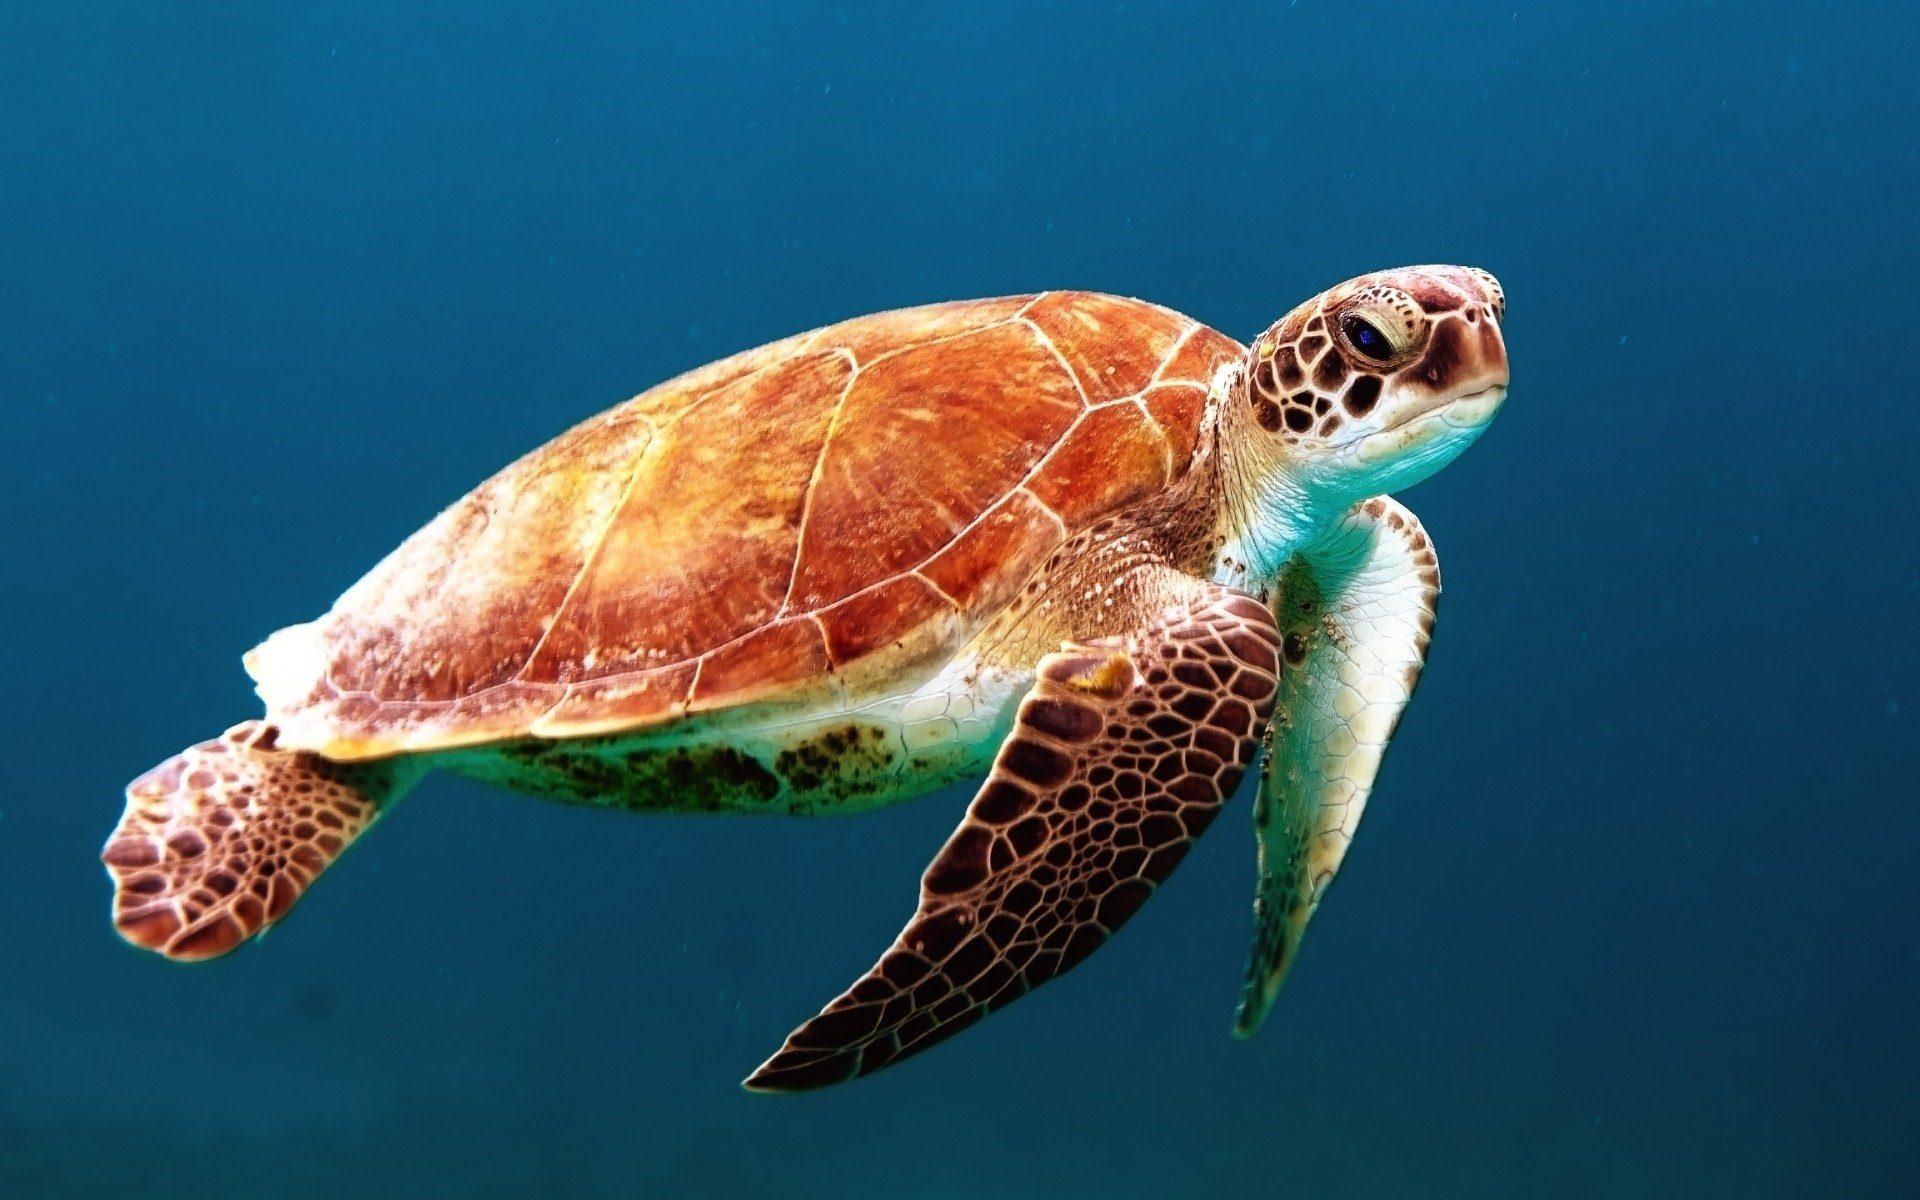 海龟, marina, 海洋, 水下, 多彩 - 高清壁纸 - 教授-falken.com